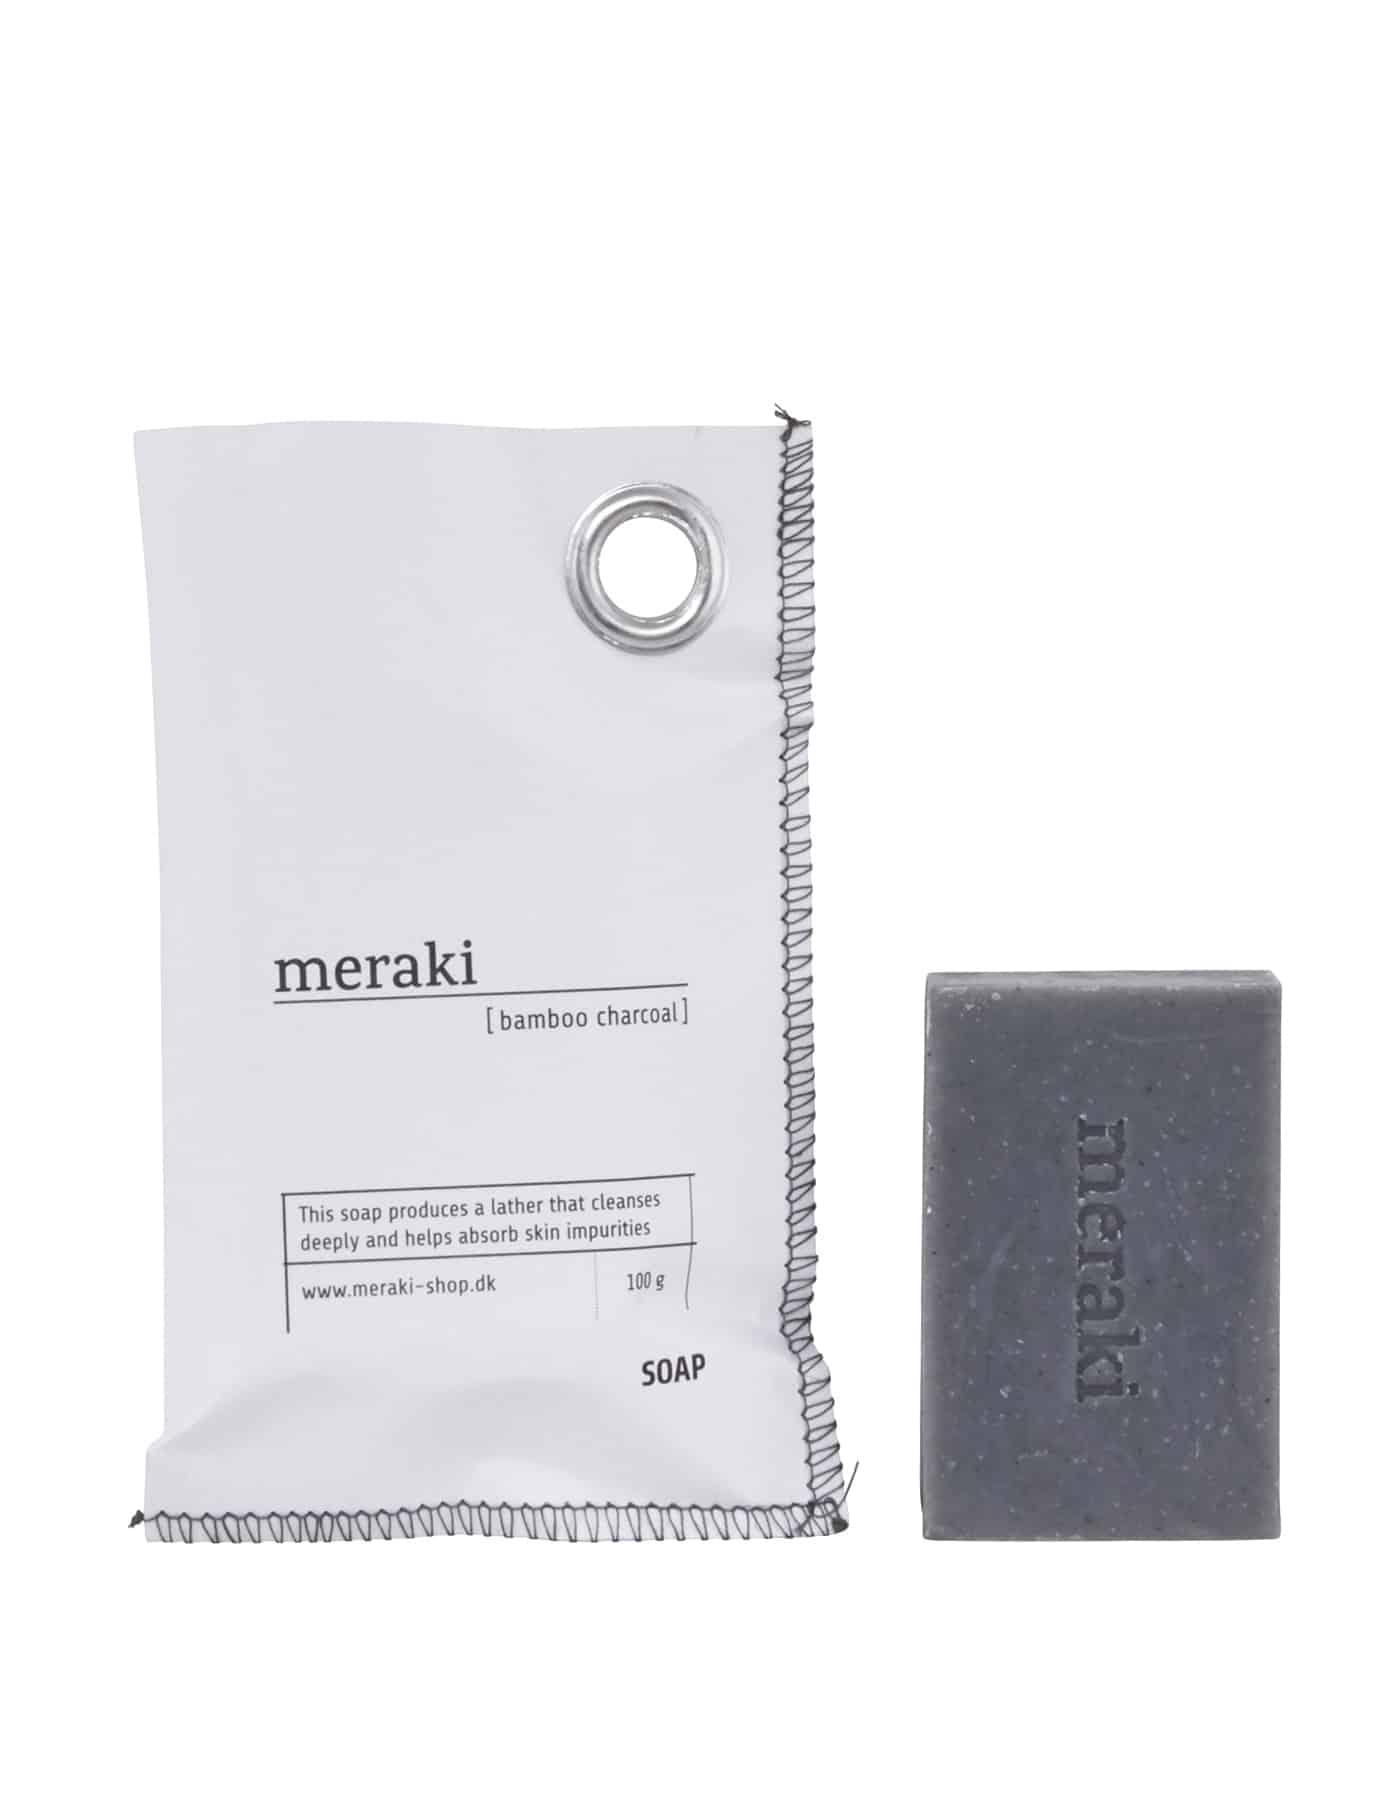 Meraki Bamboo Charcoal Soap Bar